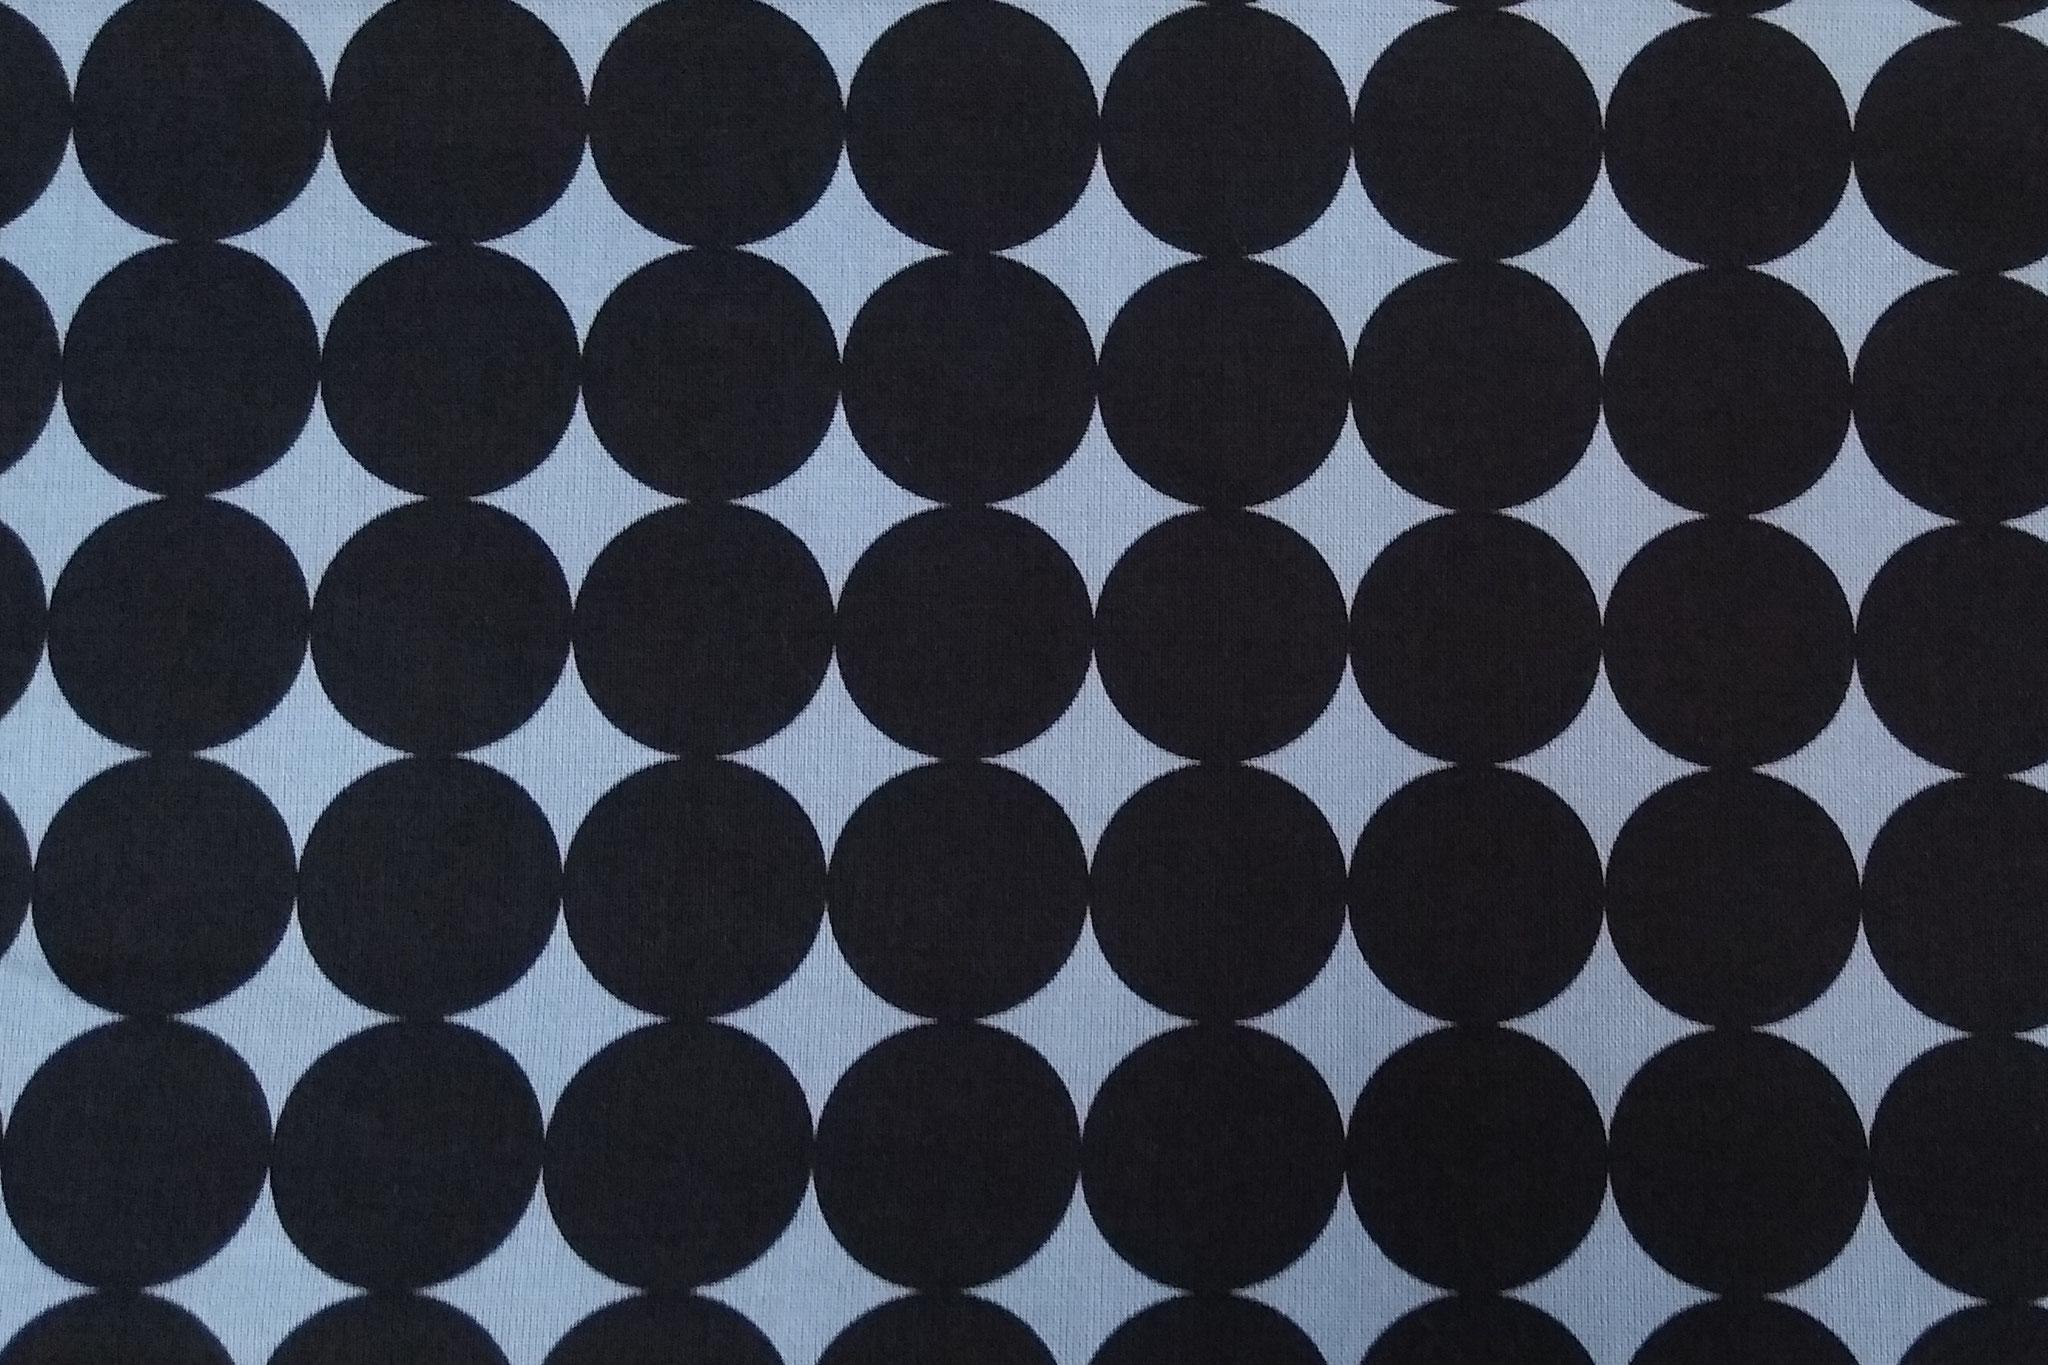 Baumwolle Punkte/ Dots, schwarz/grau, 110cm breit, 0.5m 10.50€